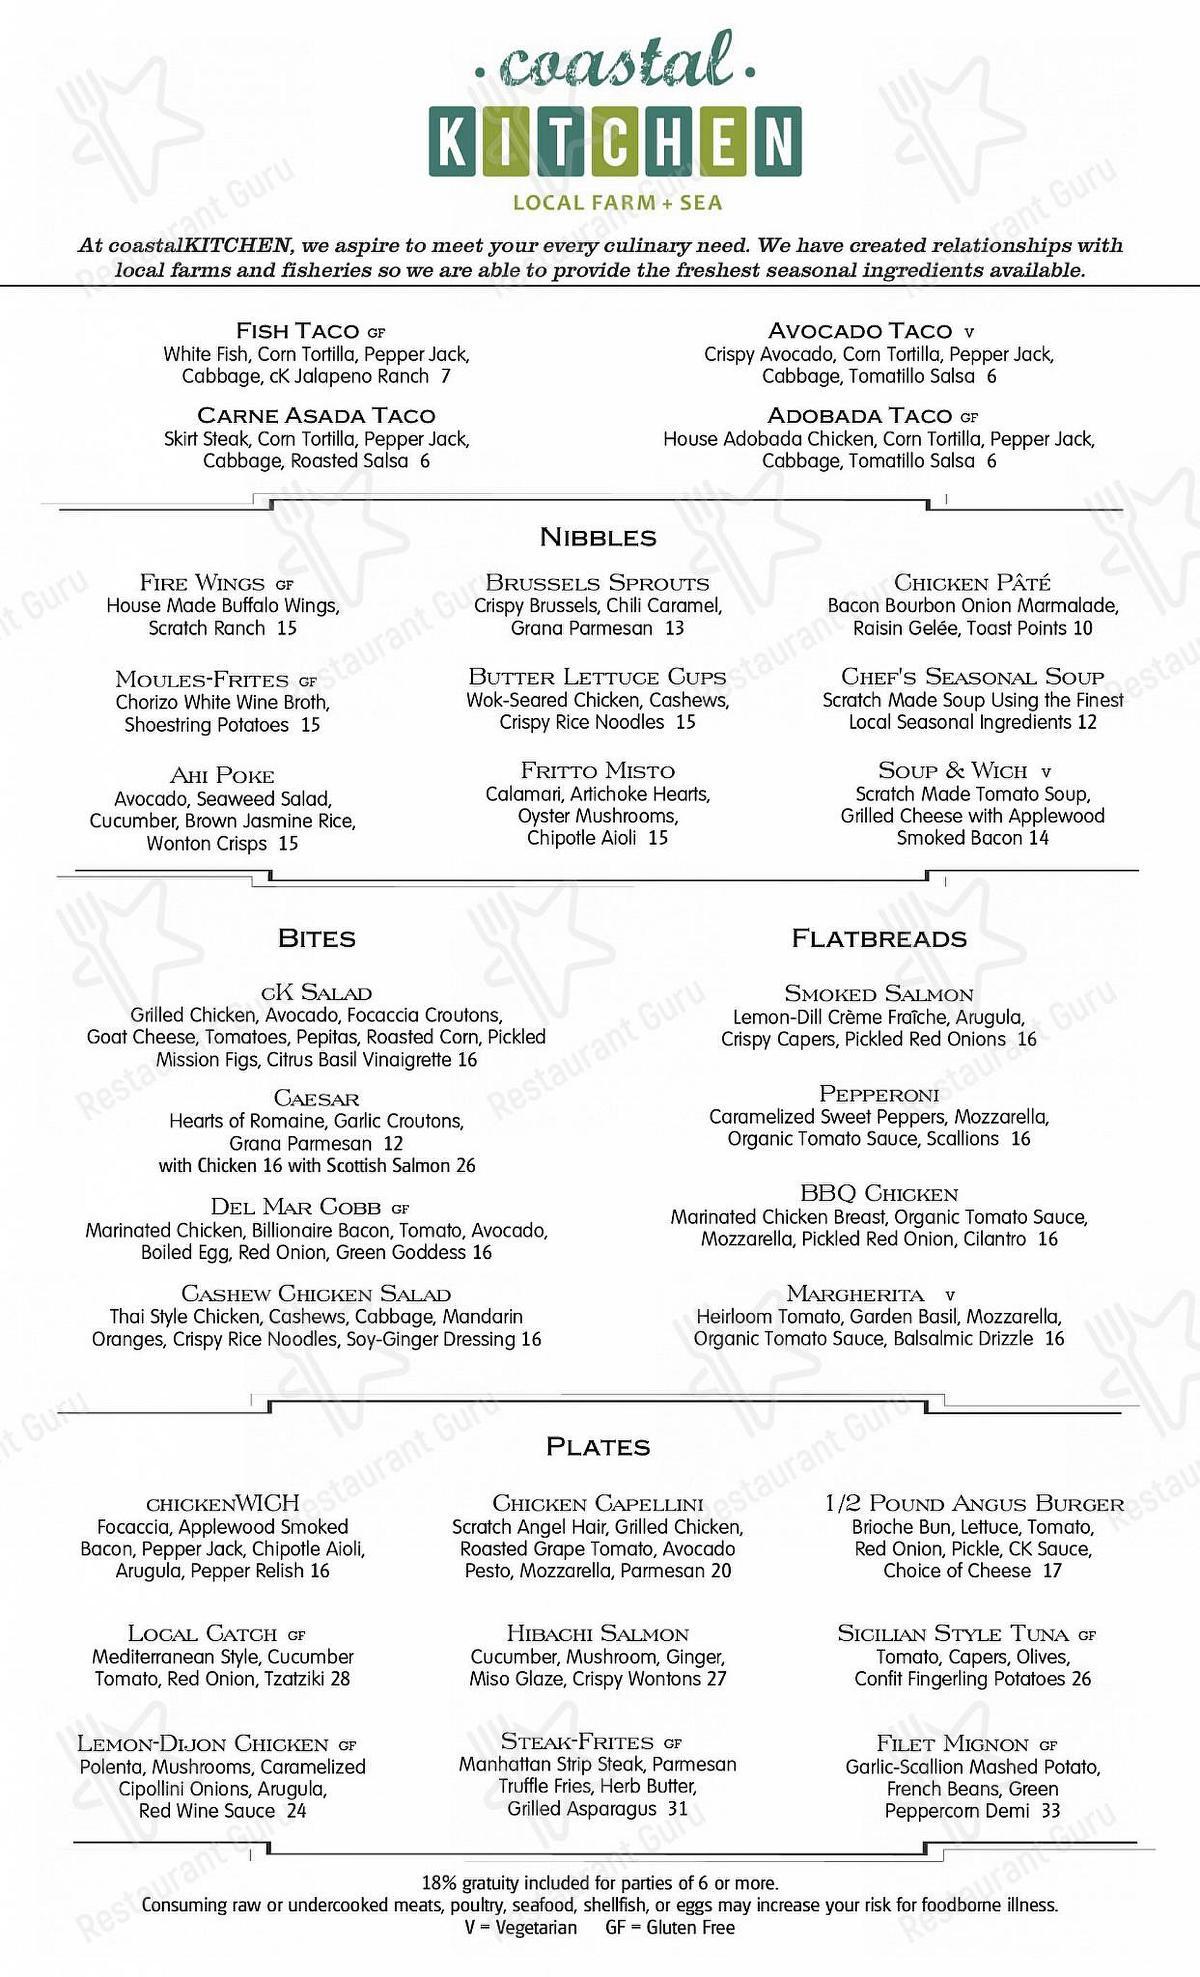 Carta de coastalKITCHEN restaurante